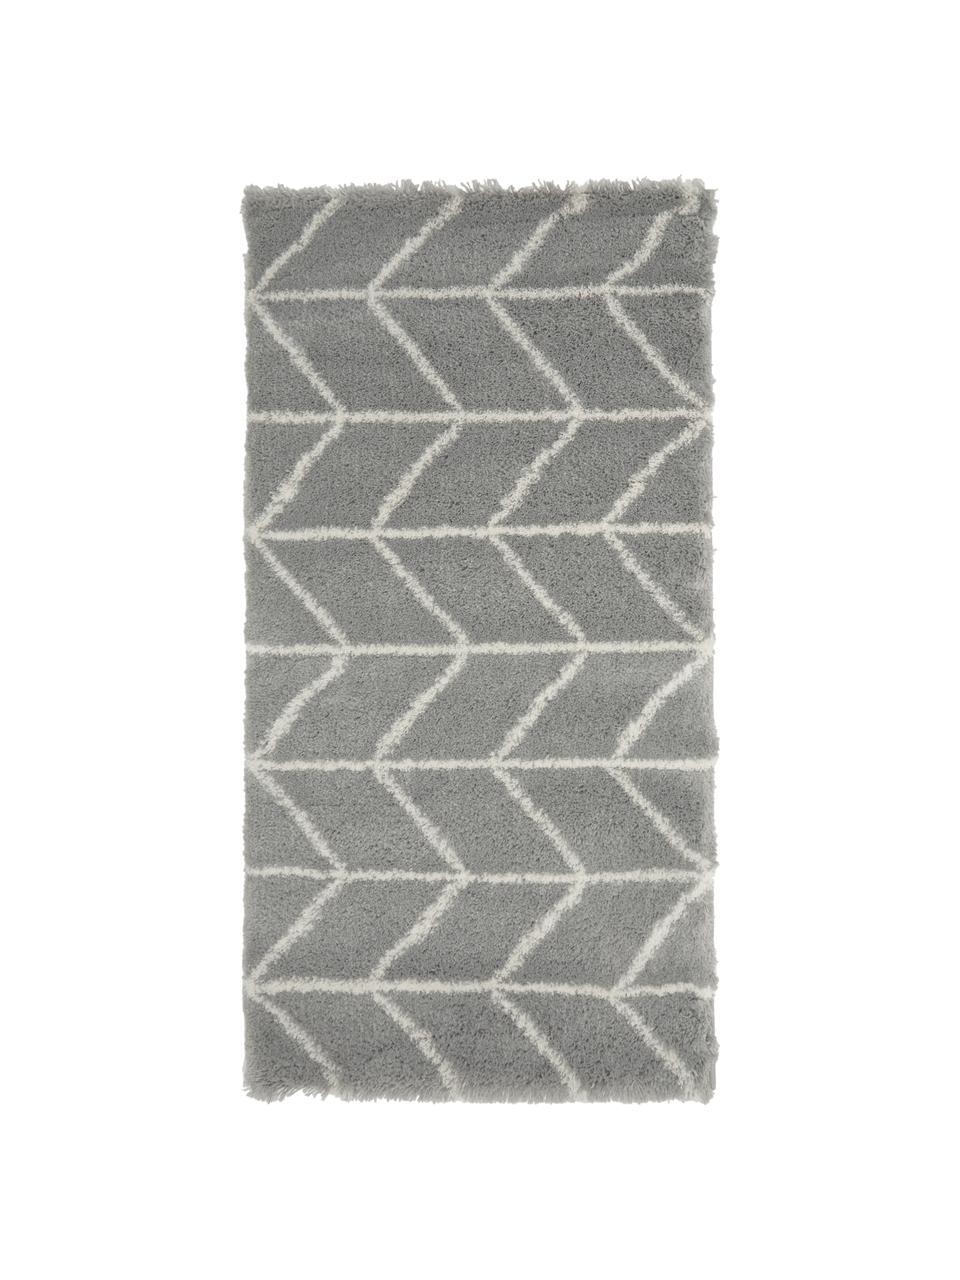 Flauschiger Hochflor-Teppich Cera in Grau/Cremeweiß, Flor: 100% Polypropylen, Grau, Cremeweiß, B 200 x L 300 cm (Größe L)